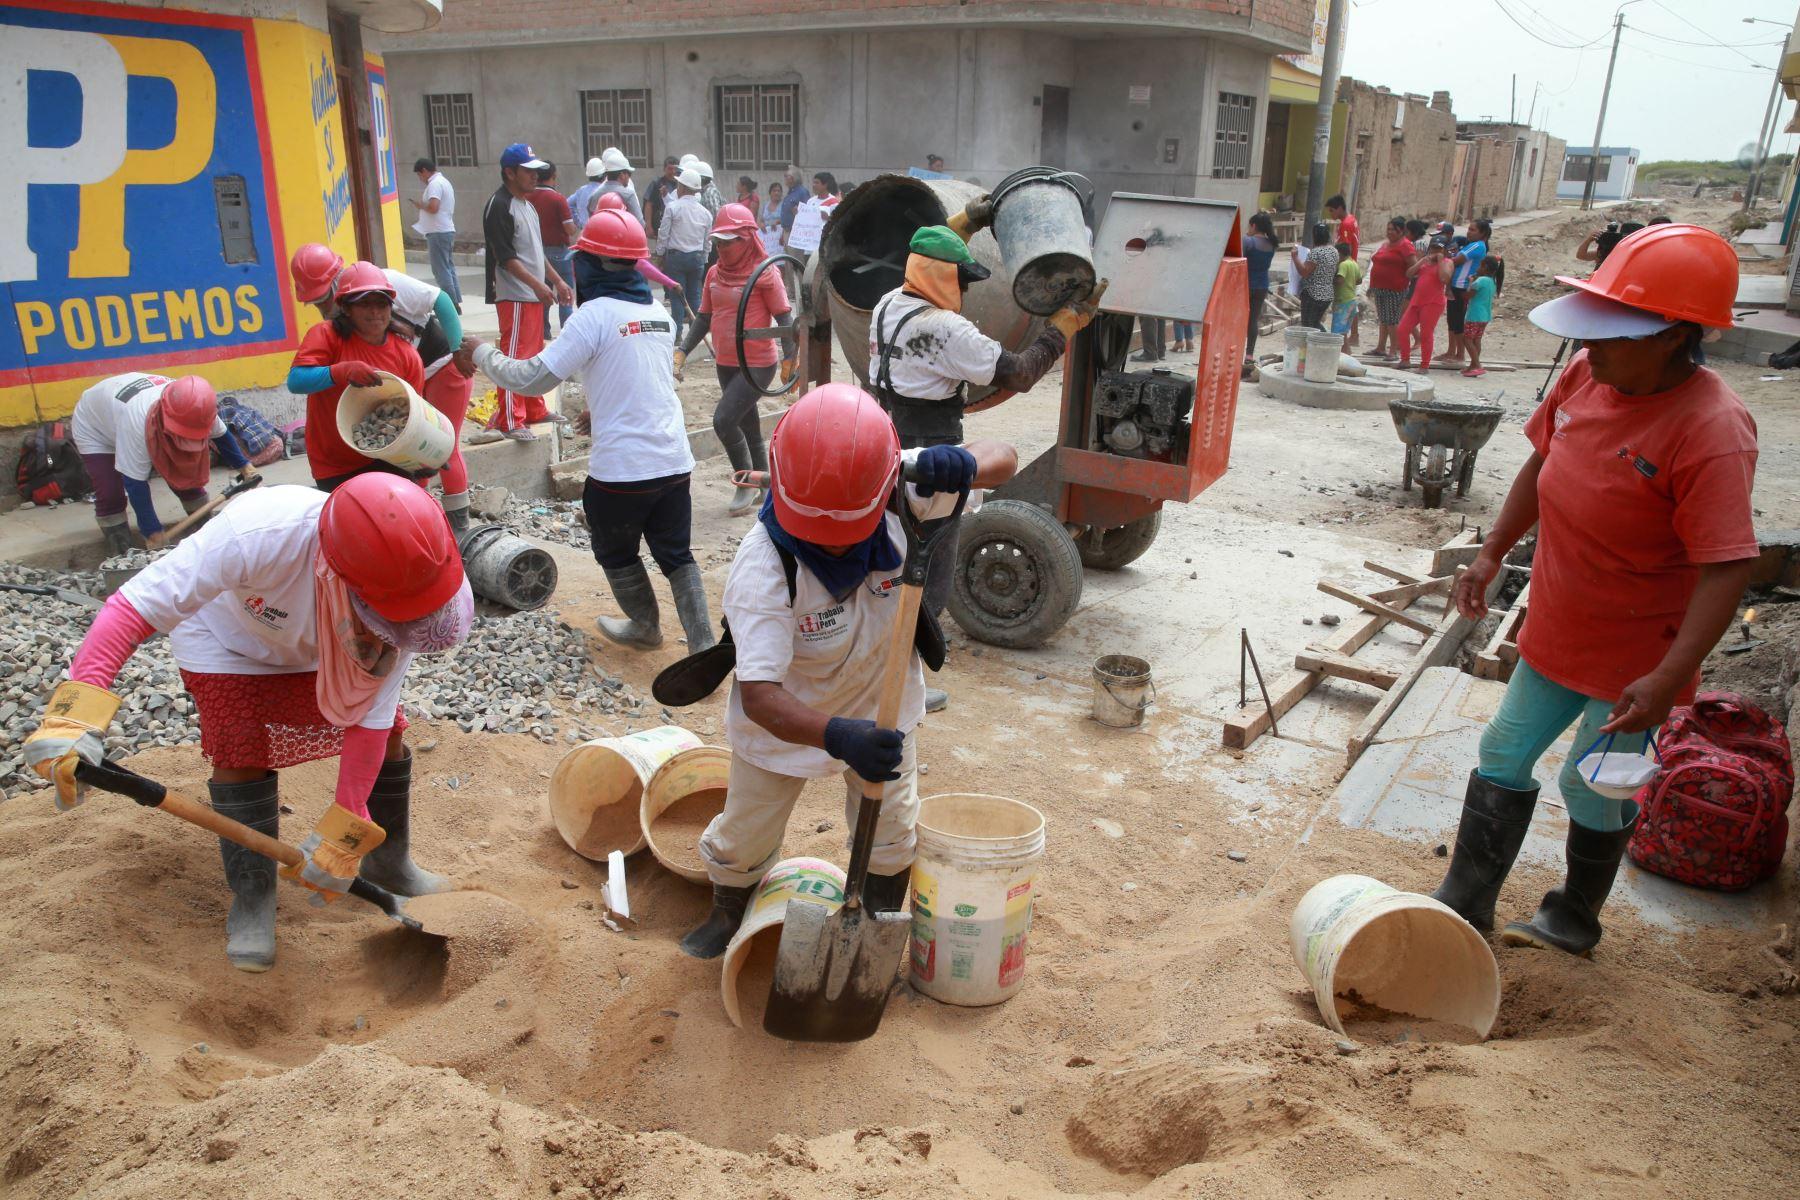 De los 287 millones de soles, 214 millones son transferencias y 73 millones son recursos propios, informó la Autoridad para la Reconstrucción con Cambios (ARCC).ANDINA/Vidal Tarqui